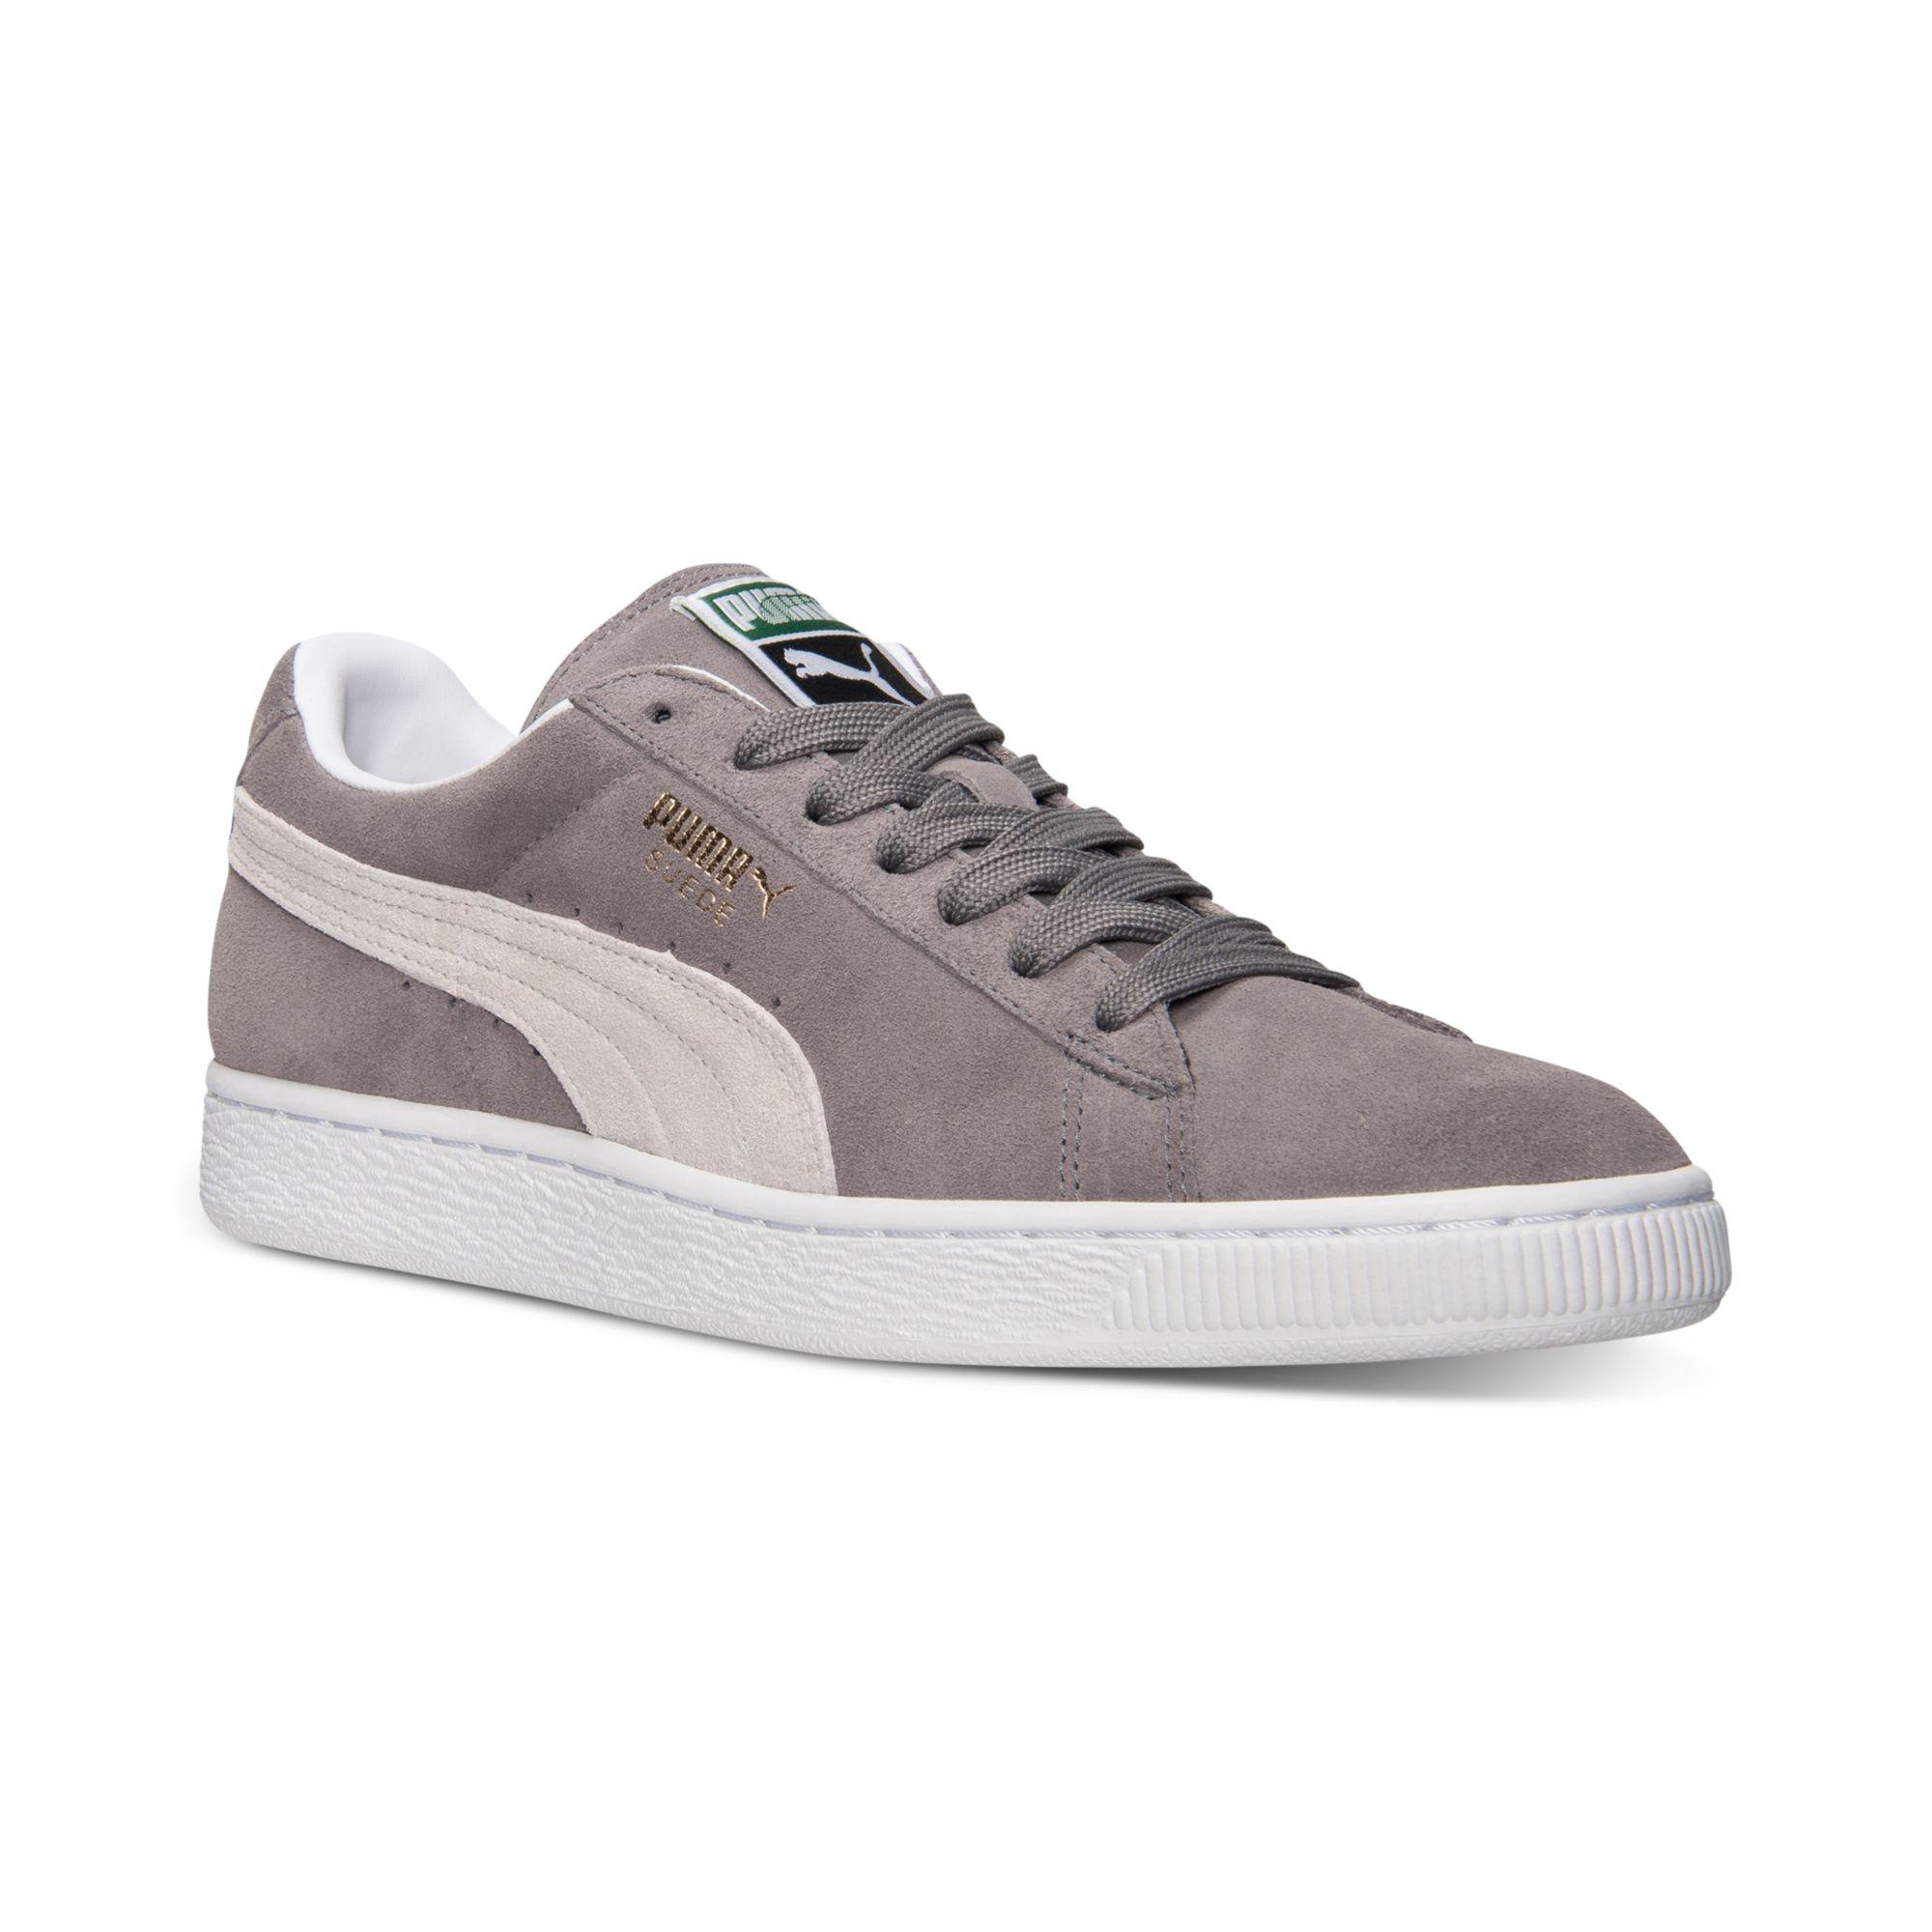 puma mens sneakers